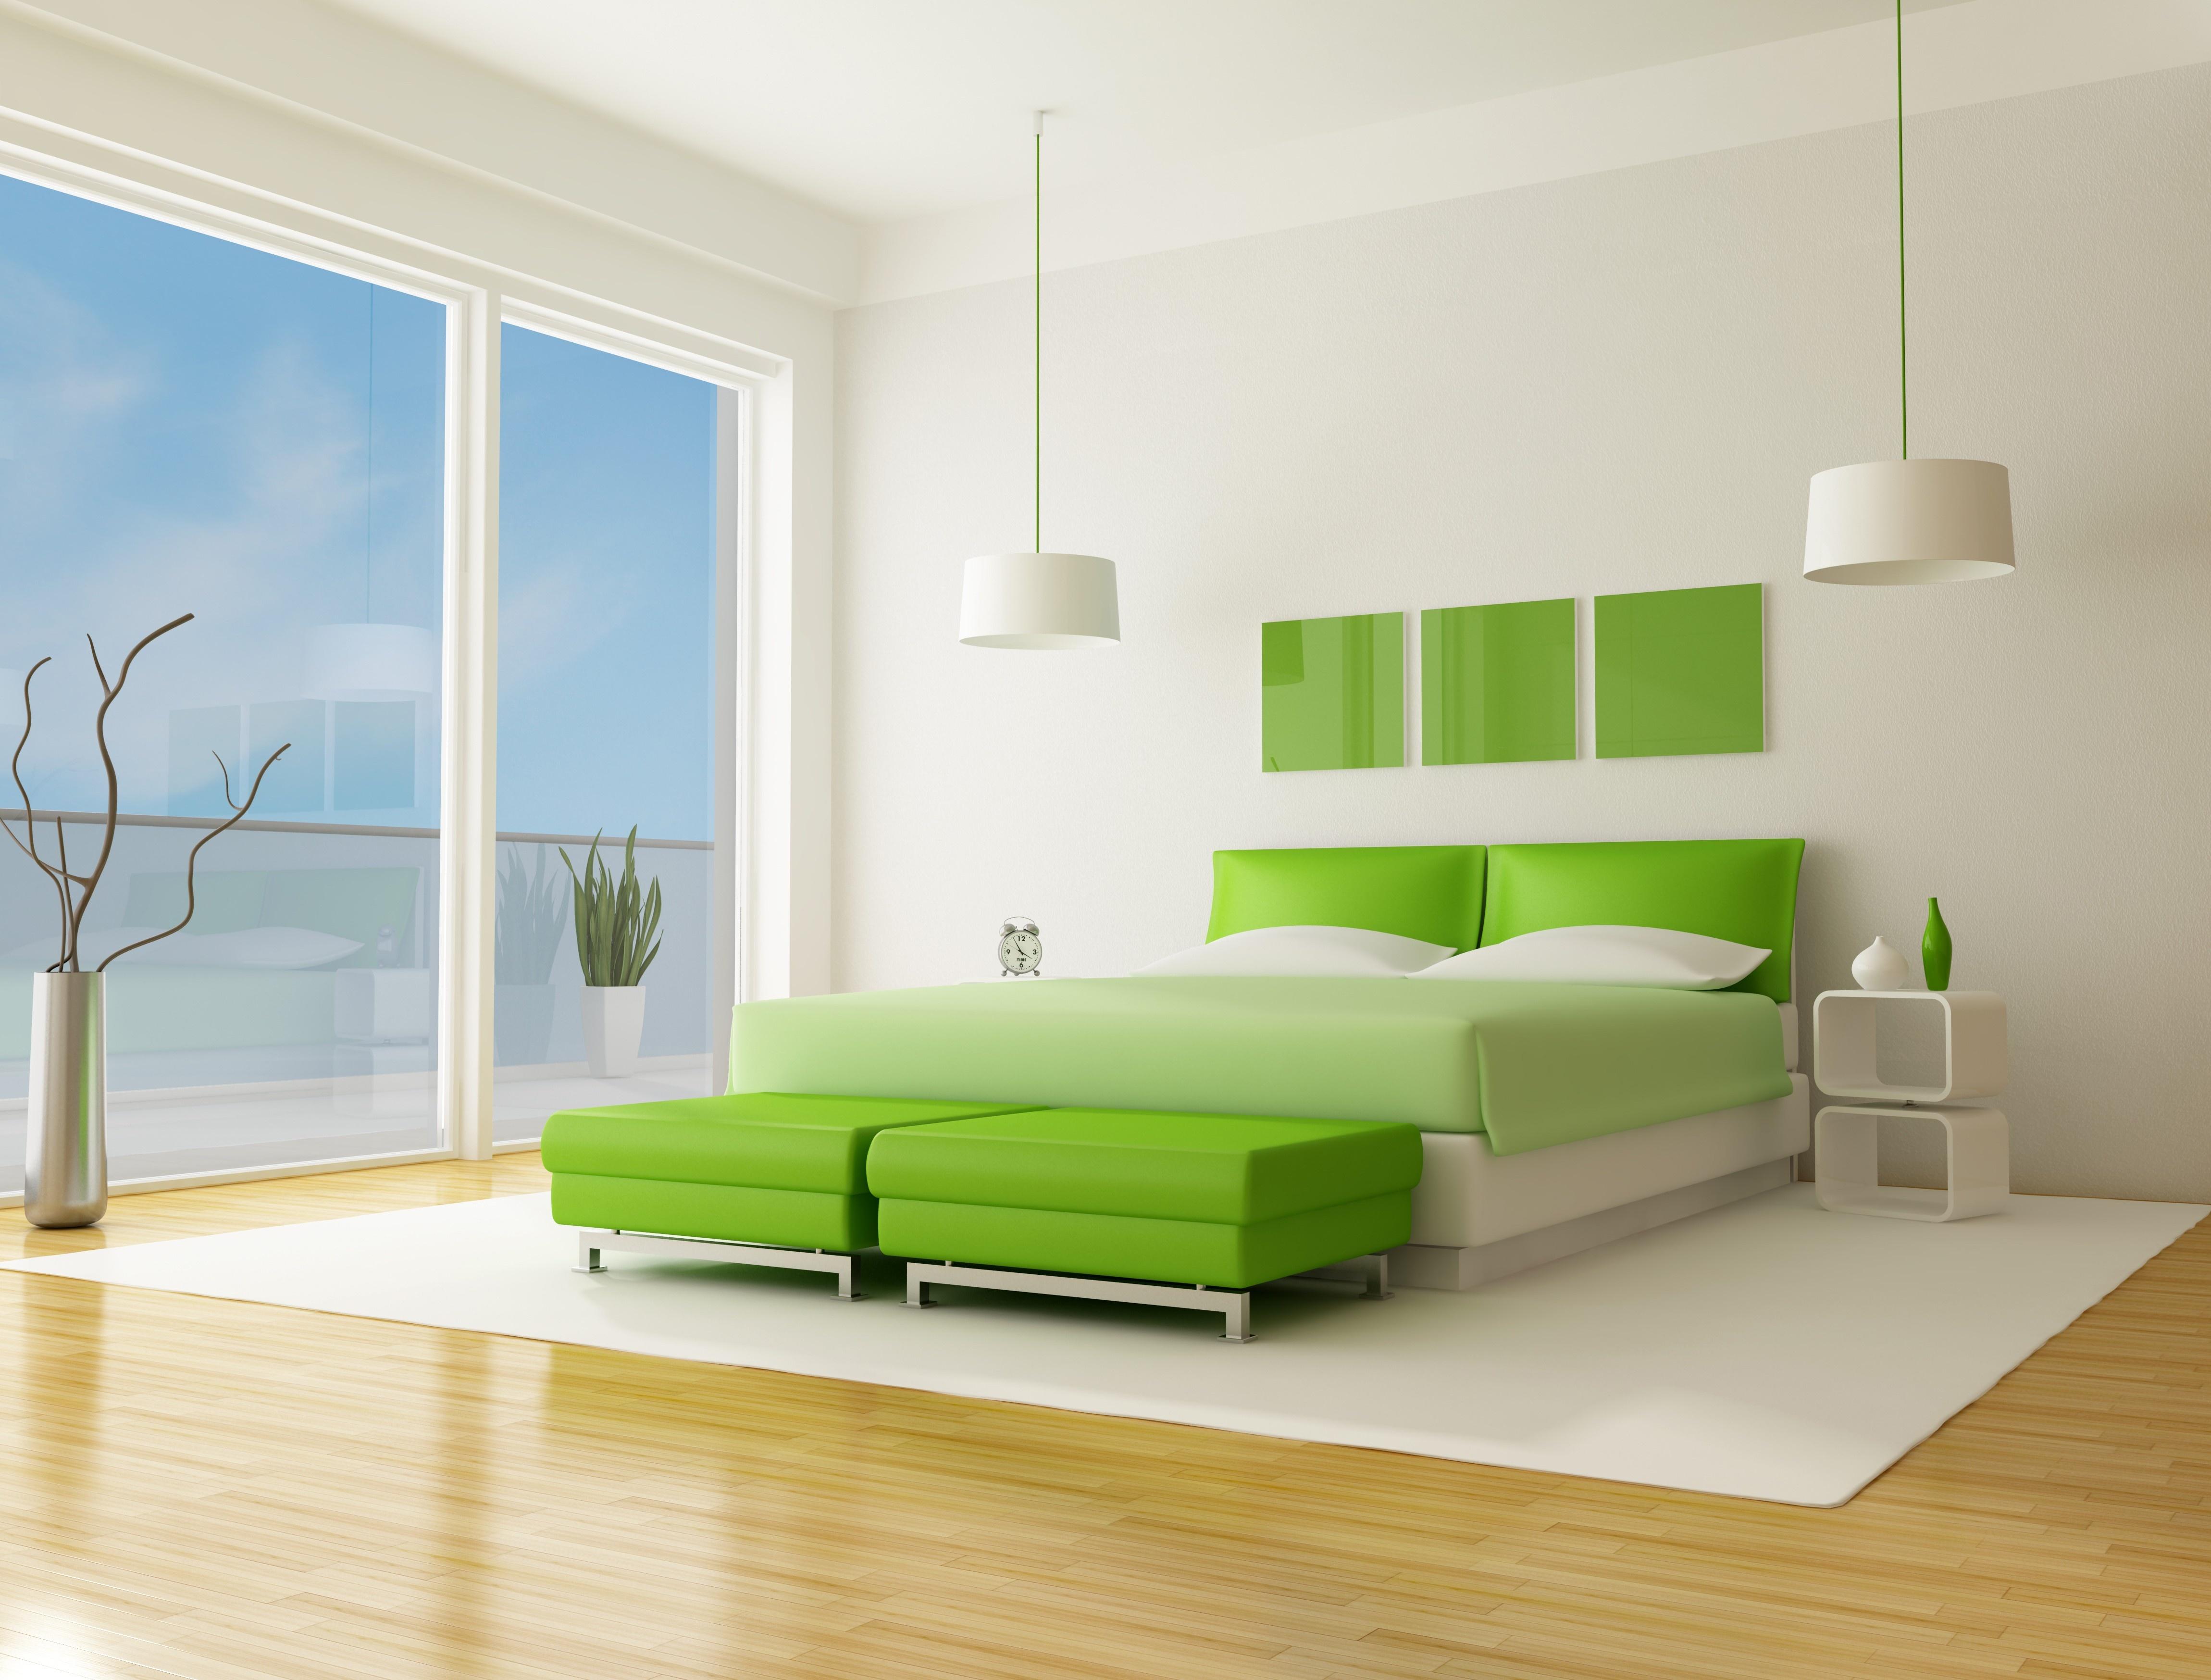 pisos-laminados-en-dormitorio.jpg